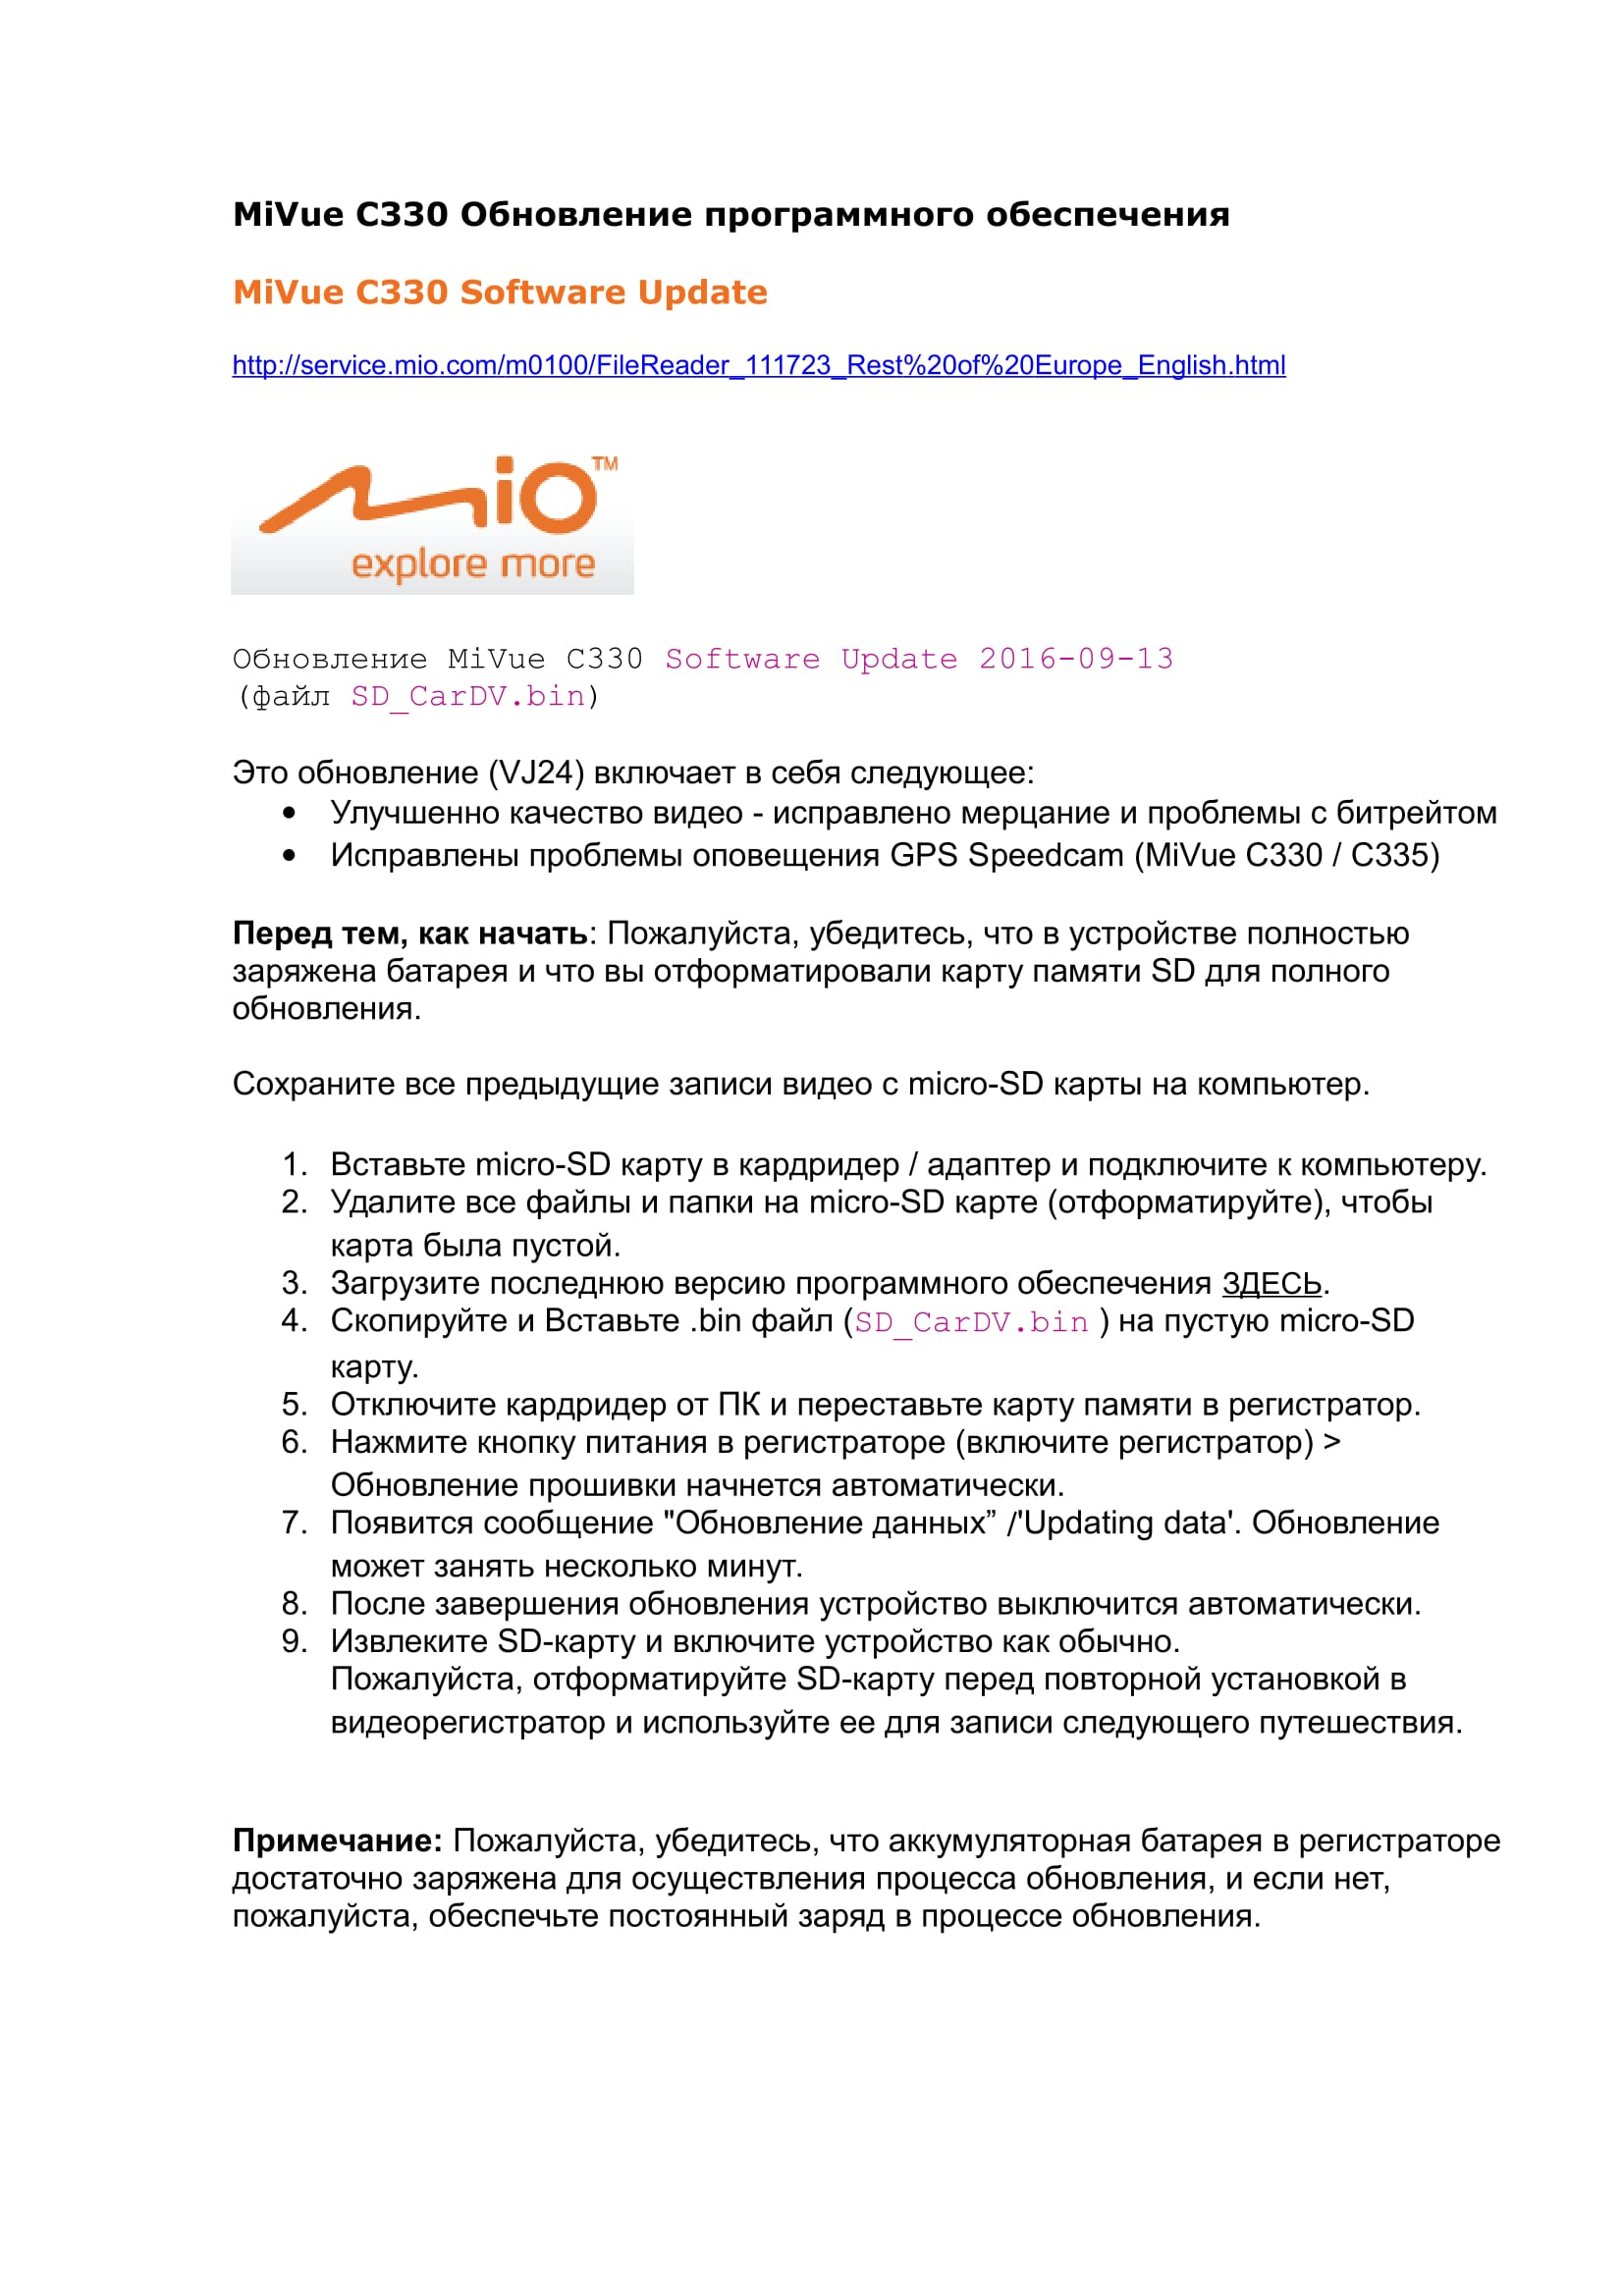 MiVue C330 Обновление программного обеспечения-1.jpg